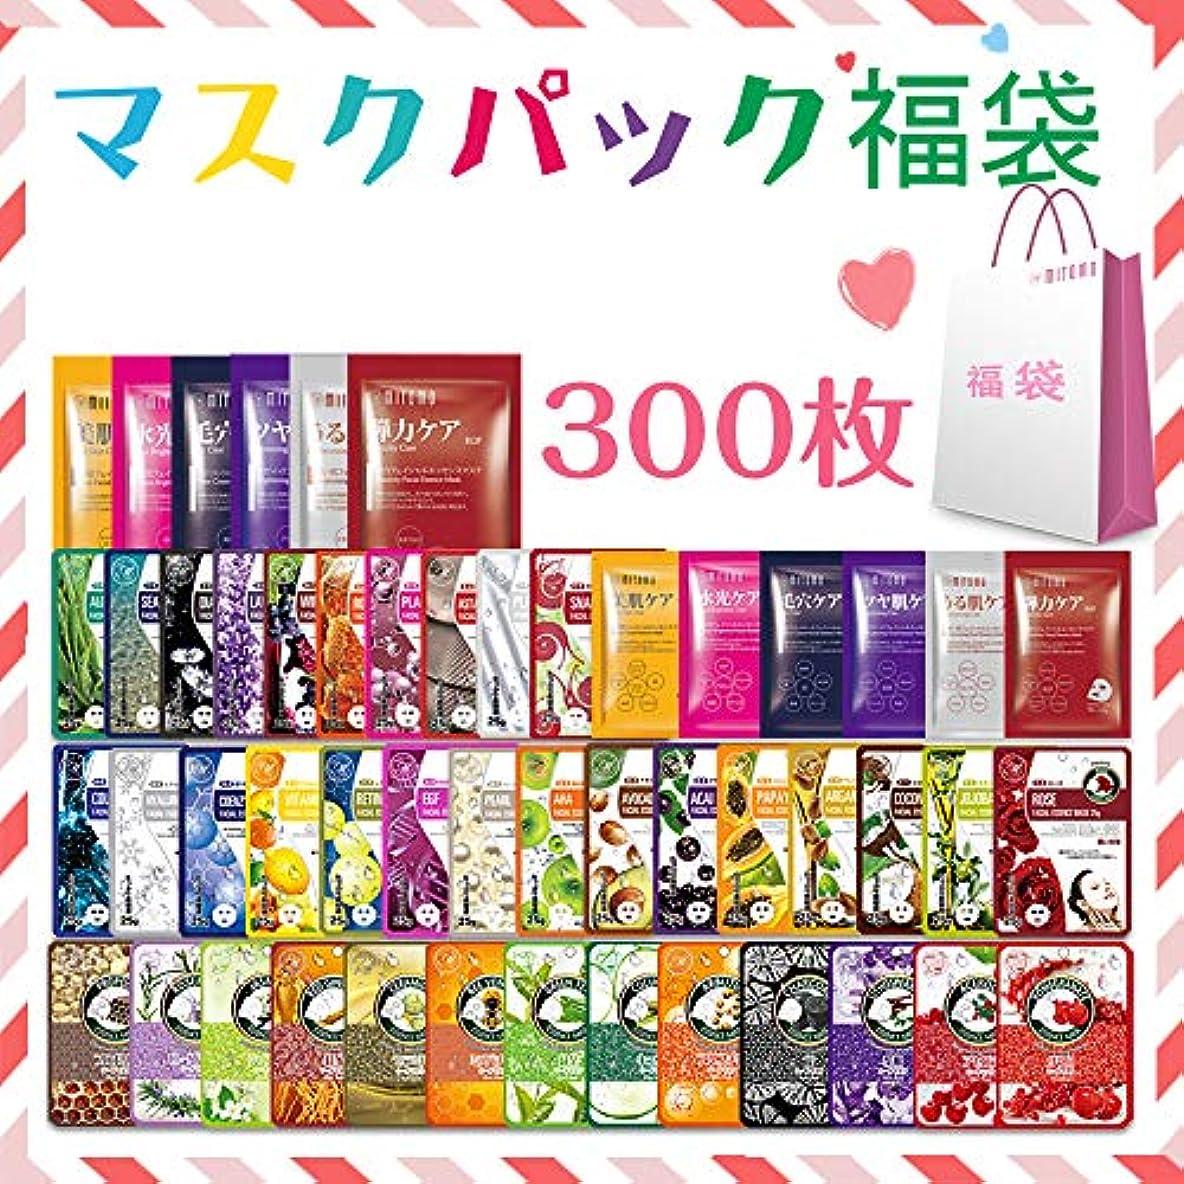 発動機家事エキス【LBKL000300】シートマスク/300枚/美容液/マスクパック/送料無料